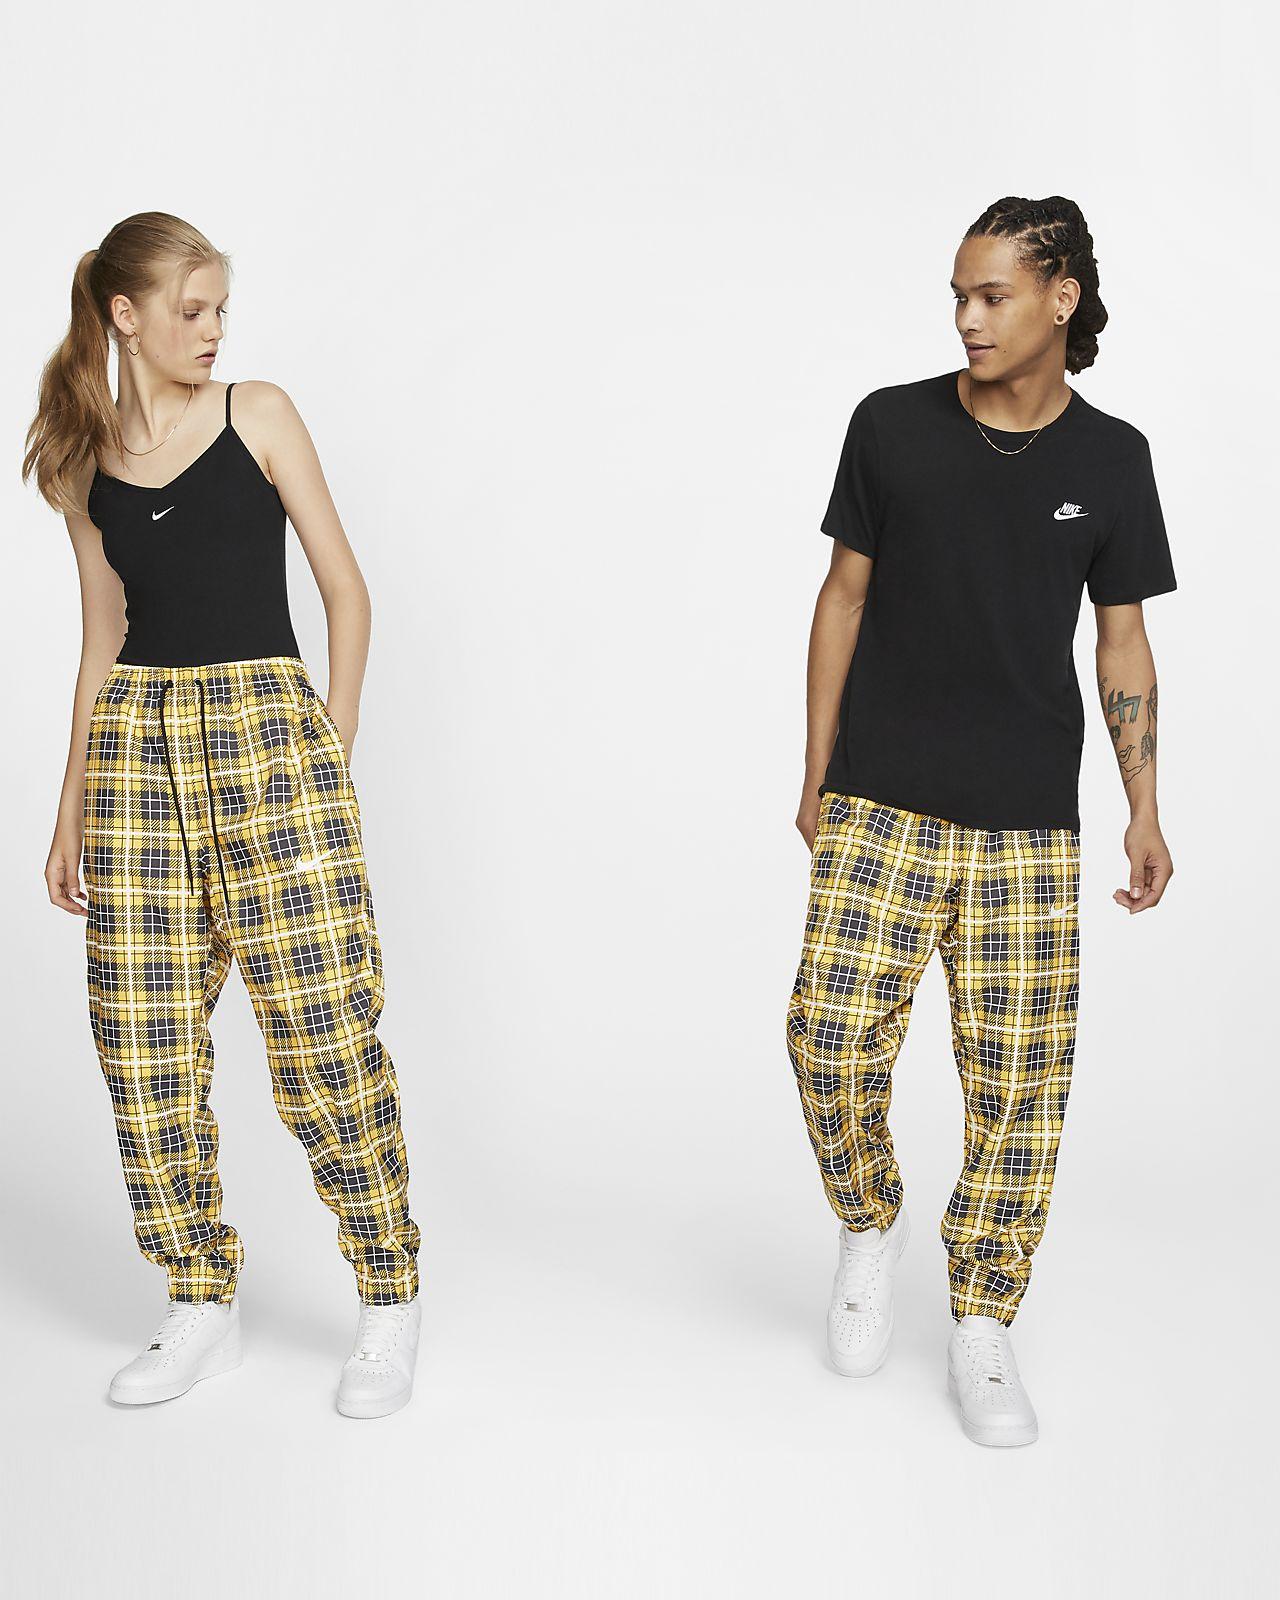 Υφαντό παντελόνι φόρμας με καρό μοτίβο Nike